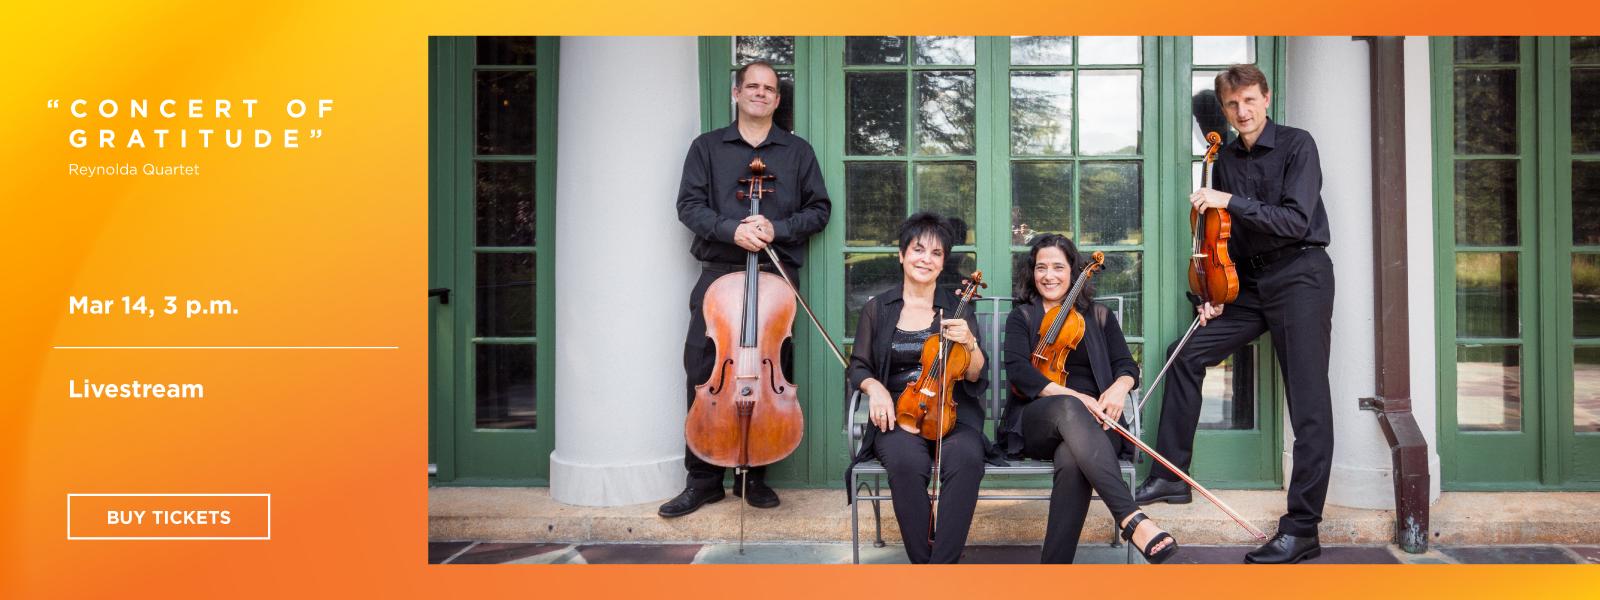 The Reynolda Quartet: Concert of Gratitude - Livestream